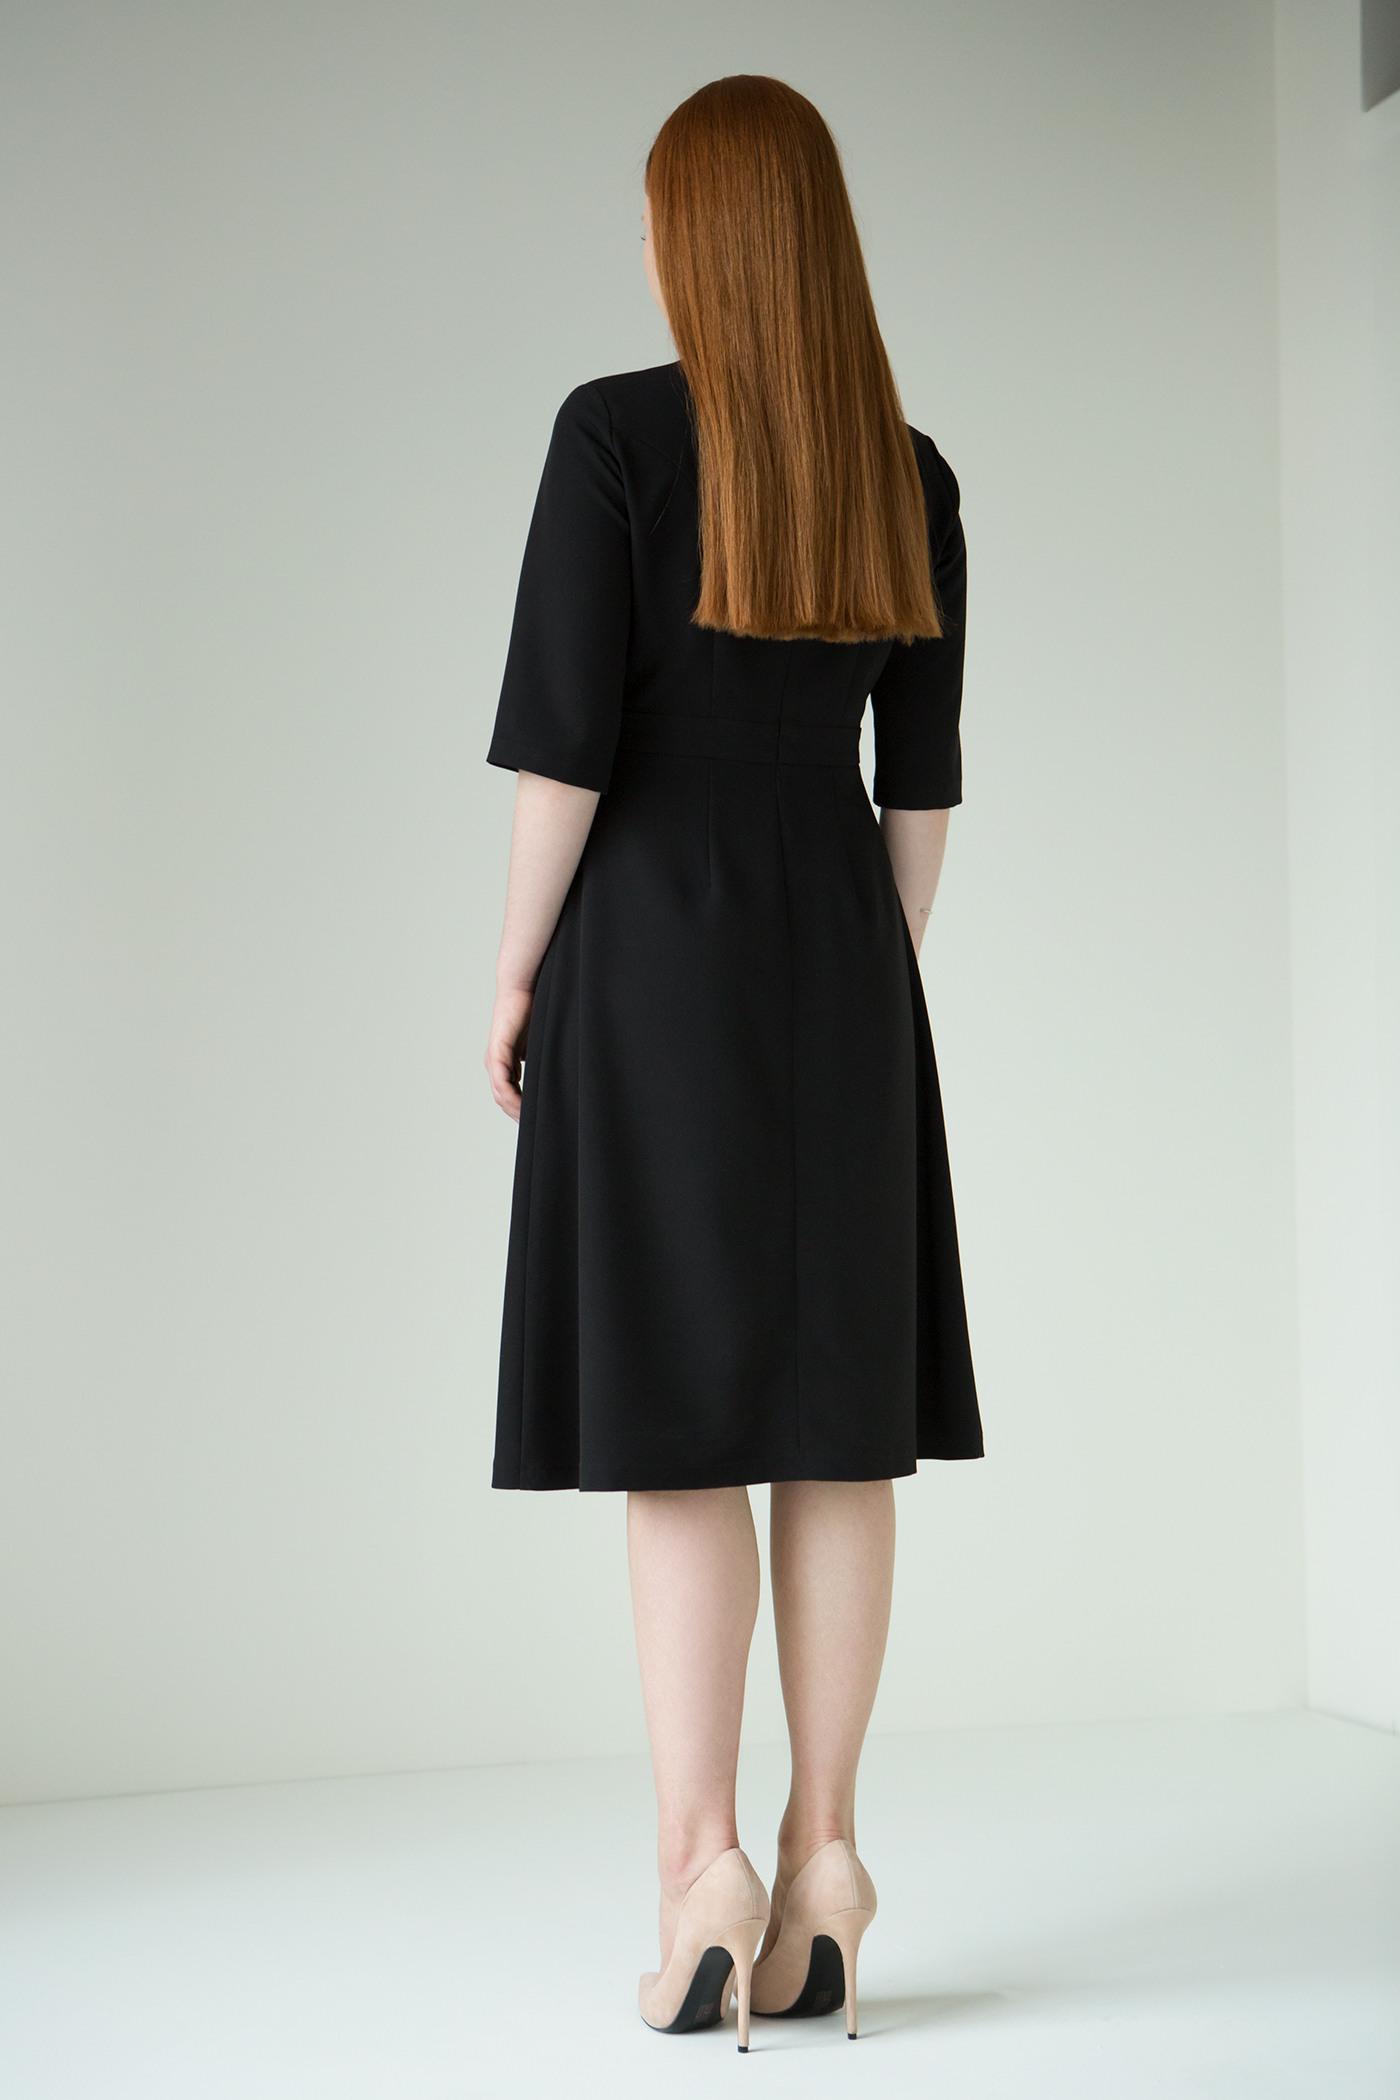 Вечернее платьеЭлегантное платье приталенного силуэта с воротником стойкой.&#13;<br>&#13;<br>&#13;<br>Застёгивается на потайную молнию сзади&#13;<br>&#13;<br>Глубокий V-образный вырез на груди&#13;<br>&#13;<br>Высота от пояса до выреза 14см&#13;<br>&#13;<br>Спереди по центральному шву юбки разрез длиной 35 см&#13;<br>&#13;<br>Длина юбки от линии талии (верхнего шва пояса) - 69 см&#13;<br>&#13;<br>Длина изделия при росте: 158-164 – 99 см, 164-170 - 102 см, 170-176 – 105 см<br><br>Цвет: Черный<br>Размер: XS, S, M, L<br>Ростовка: 158 -164, 164 -170, 170 -176